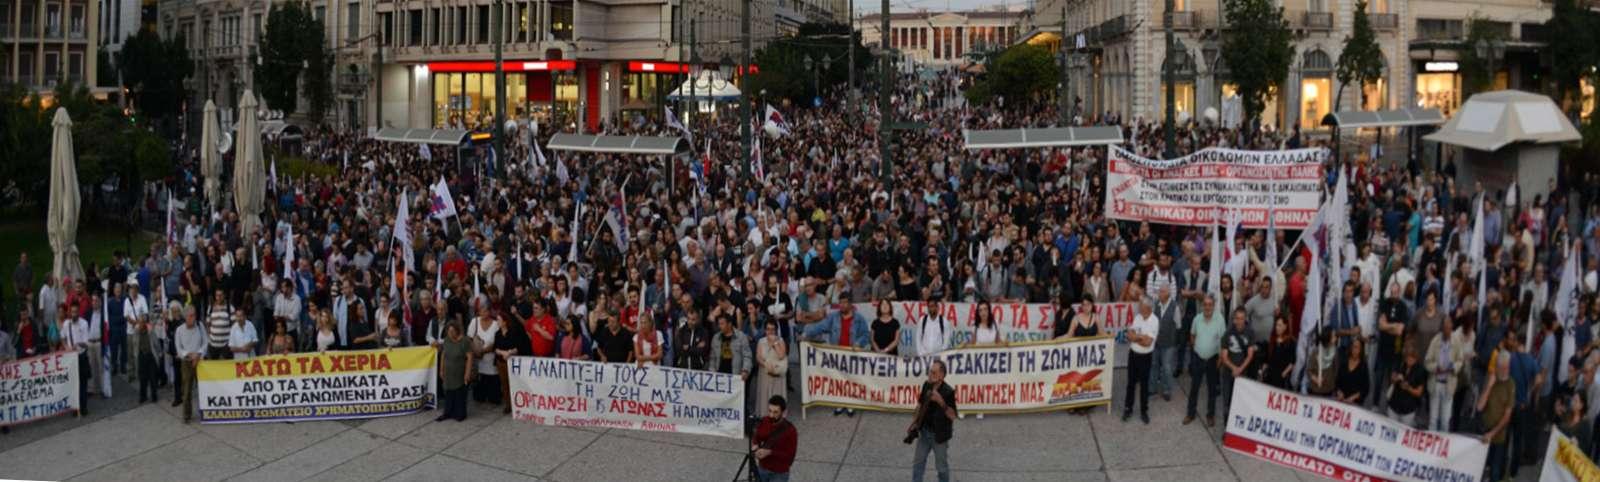 Σε εξέλιξη η κινητοποίηση στην Αθήνα ενάντια στο αντεργατικό πολυνομοσχέδιο